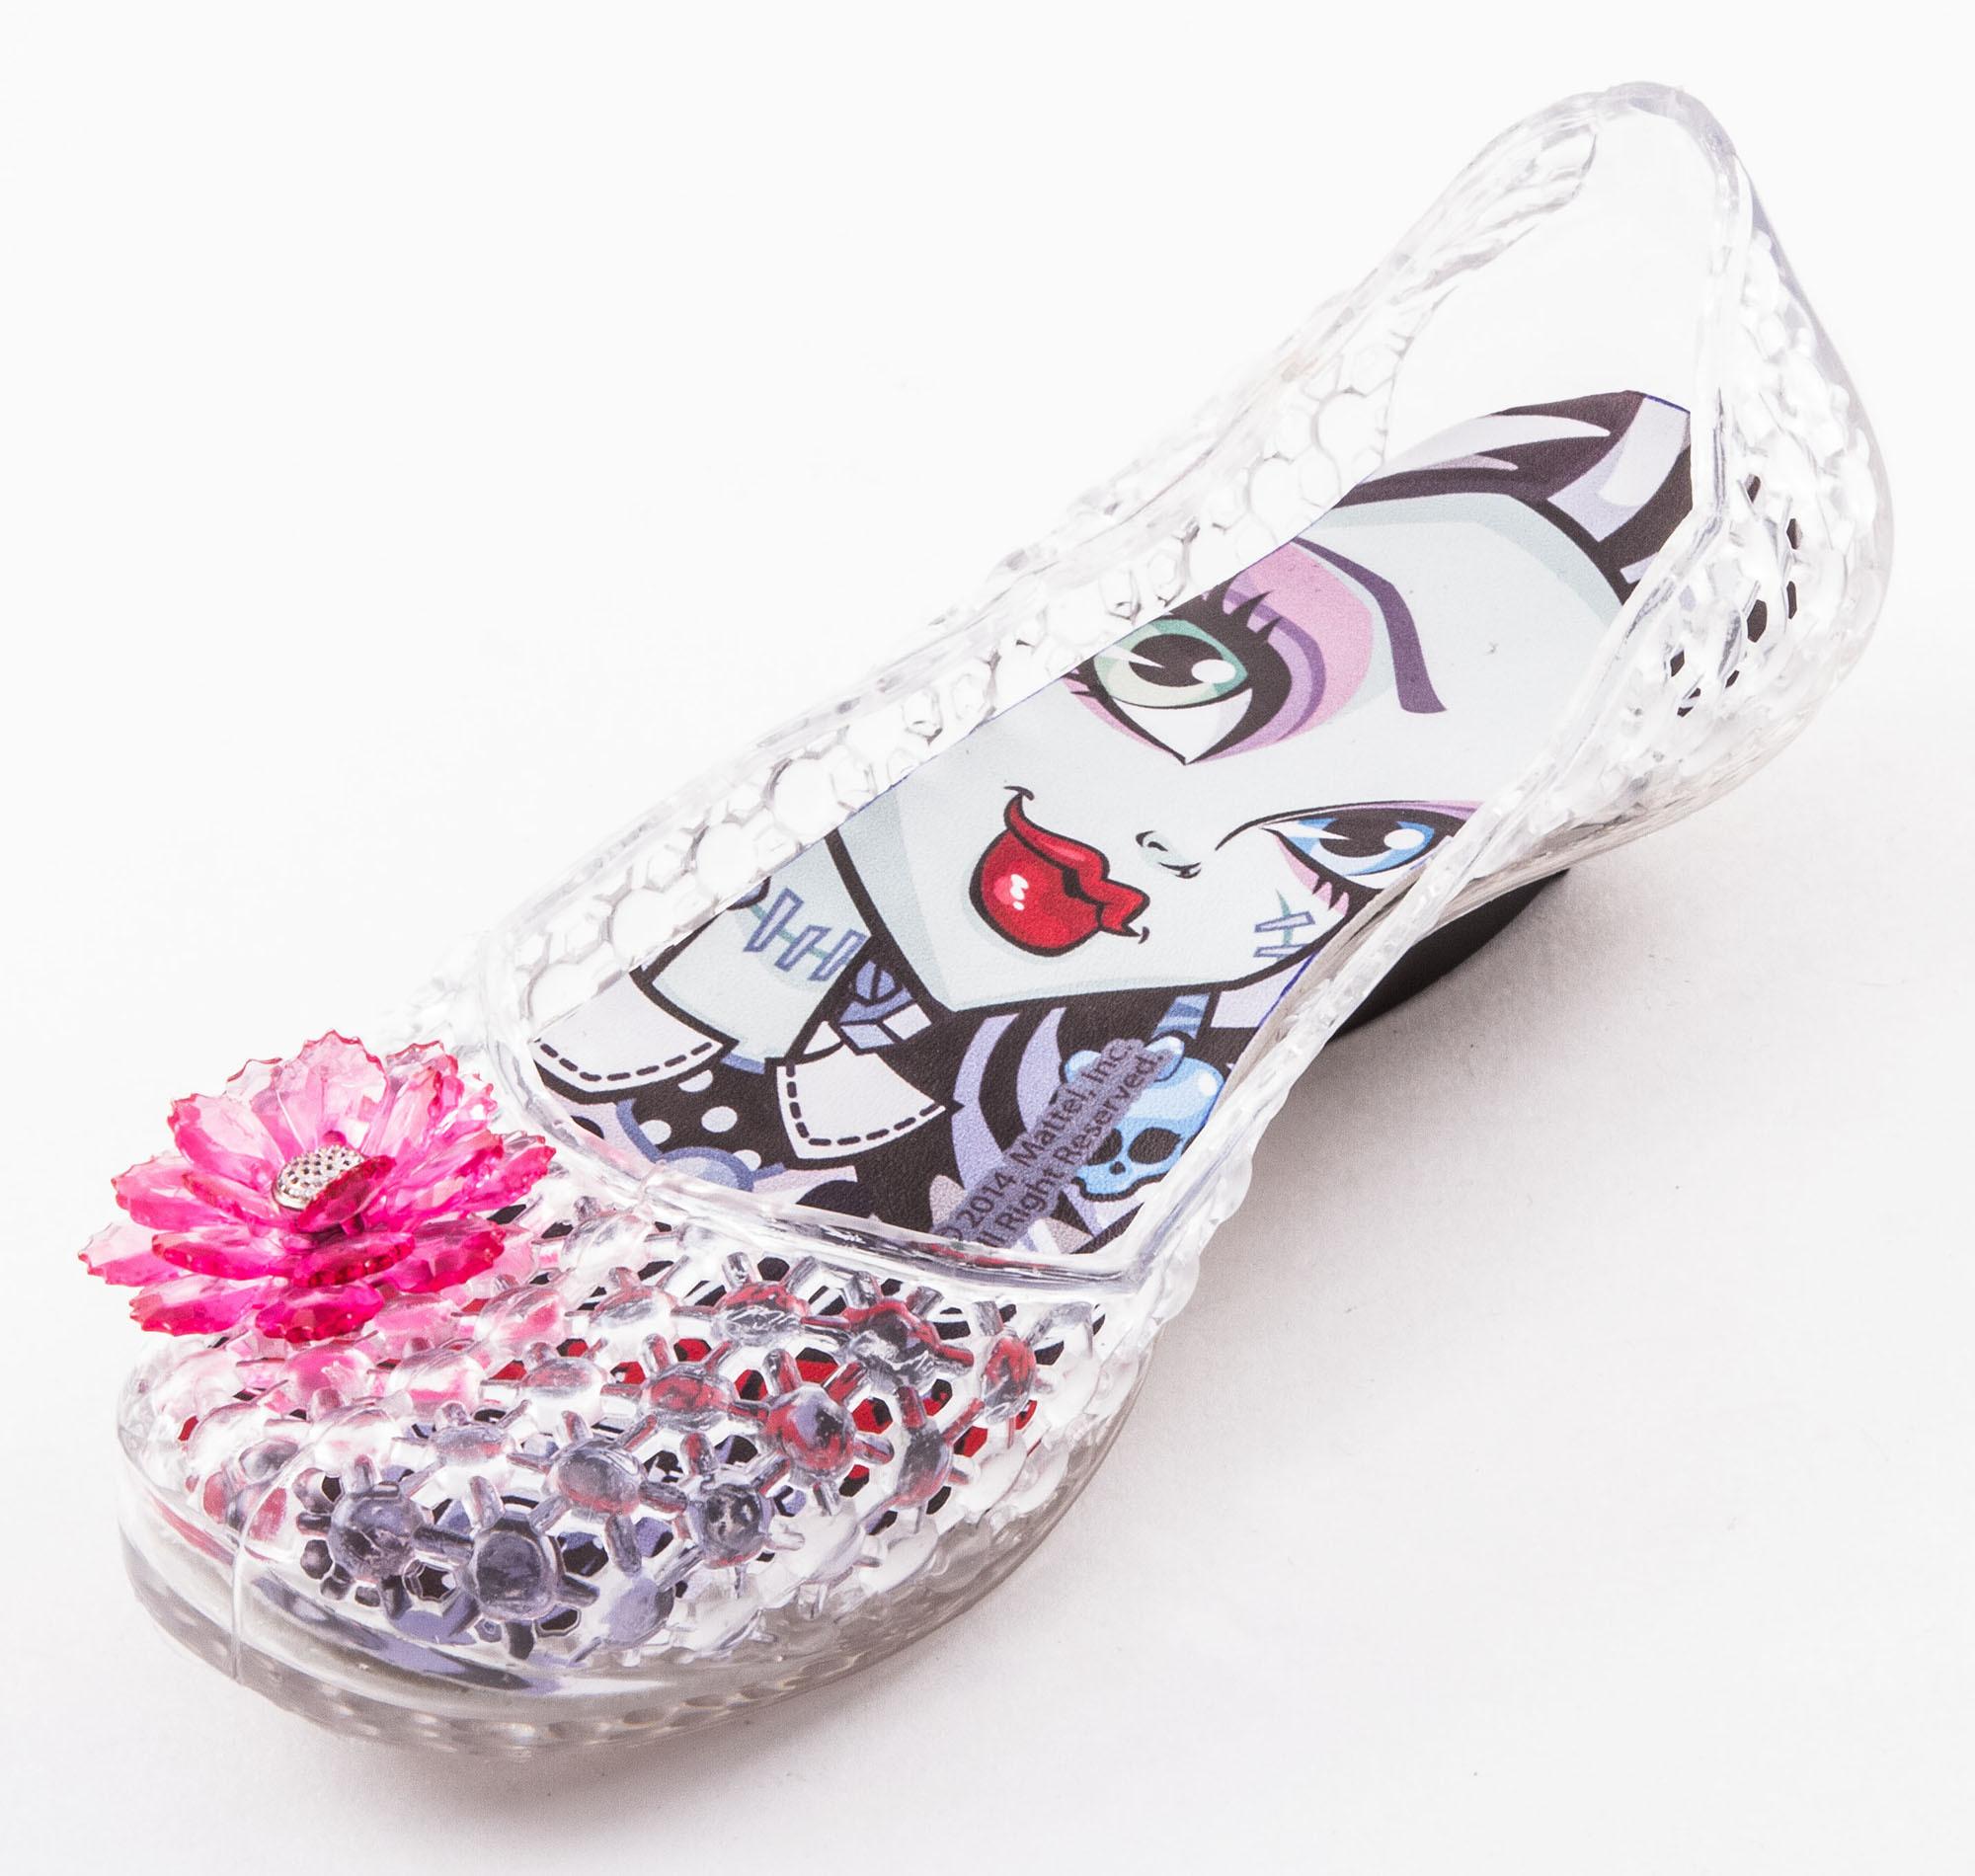 Шлепанцы Монстер Хай (Monster High) резиновые балетки для девочки, цвет прозрачный